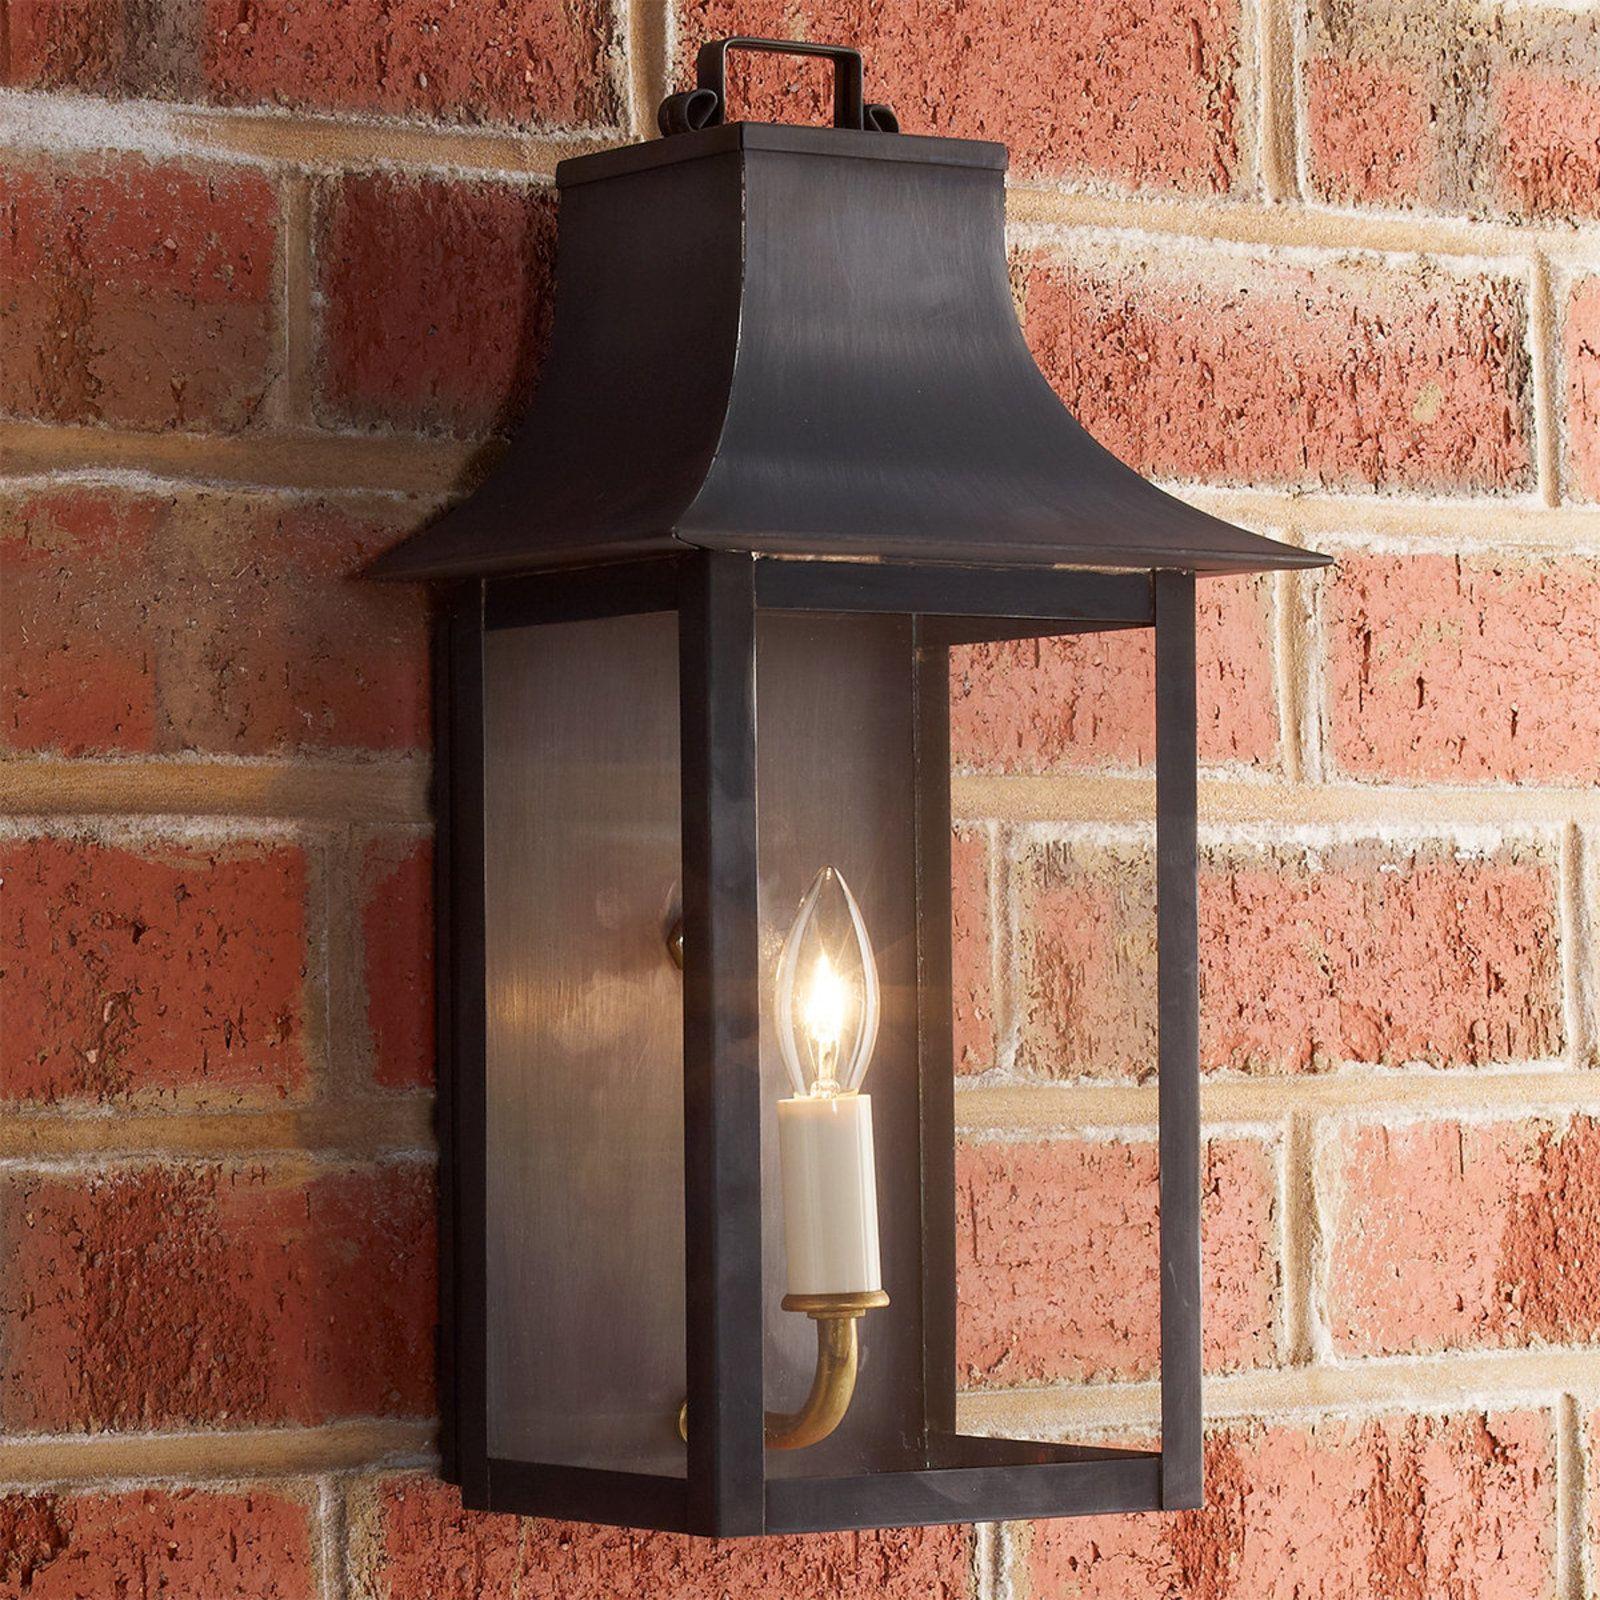 Georgian Outdoor Wall Light 1 Light Outdoor Wall Lighting